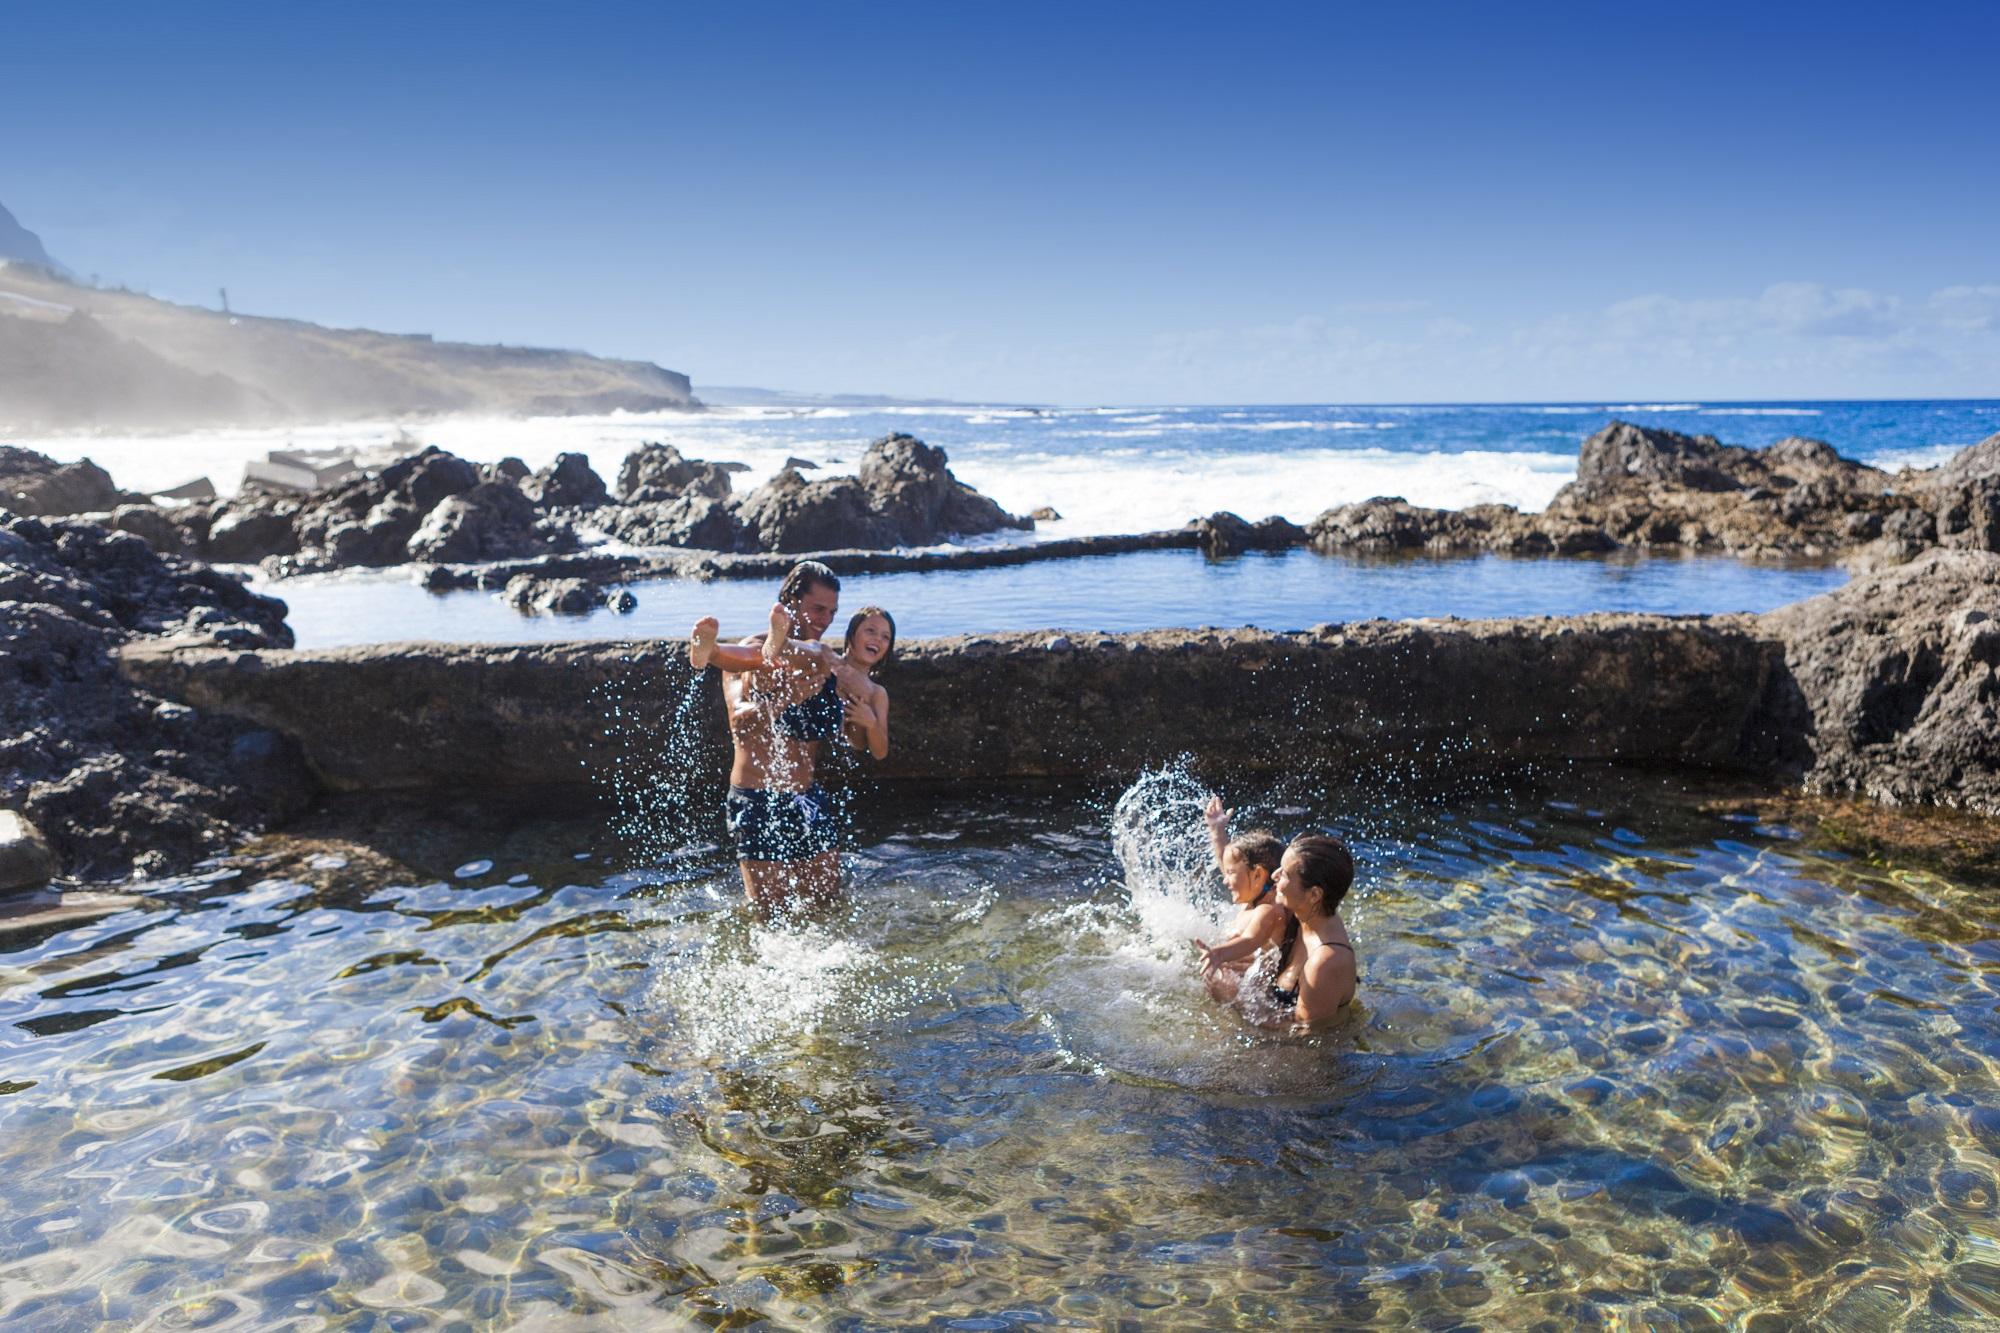 Tallene frem mod seneste weekend fra de spanske sundhedsmyndigheder viser fortsat, at tallene stadig er meget høje for de Kanariske Øer. Her er det Tenerife, den største af øerne. Arkivpressefoto: Den Spanske Stats Turistbureau.